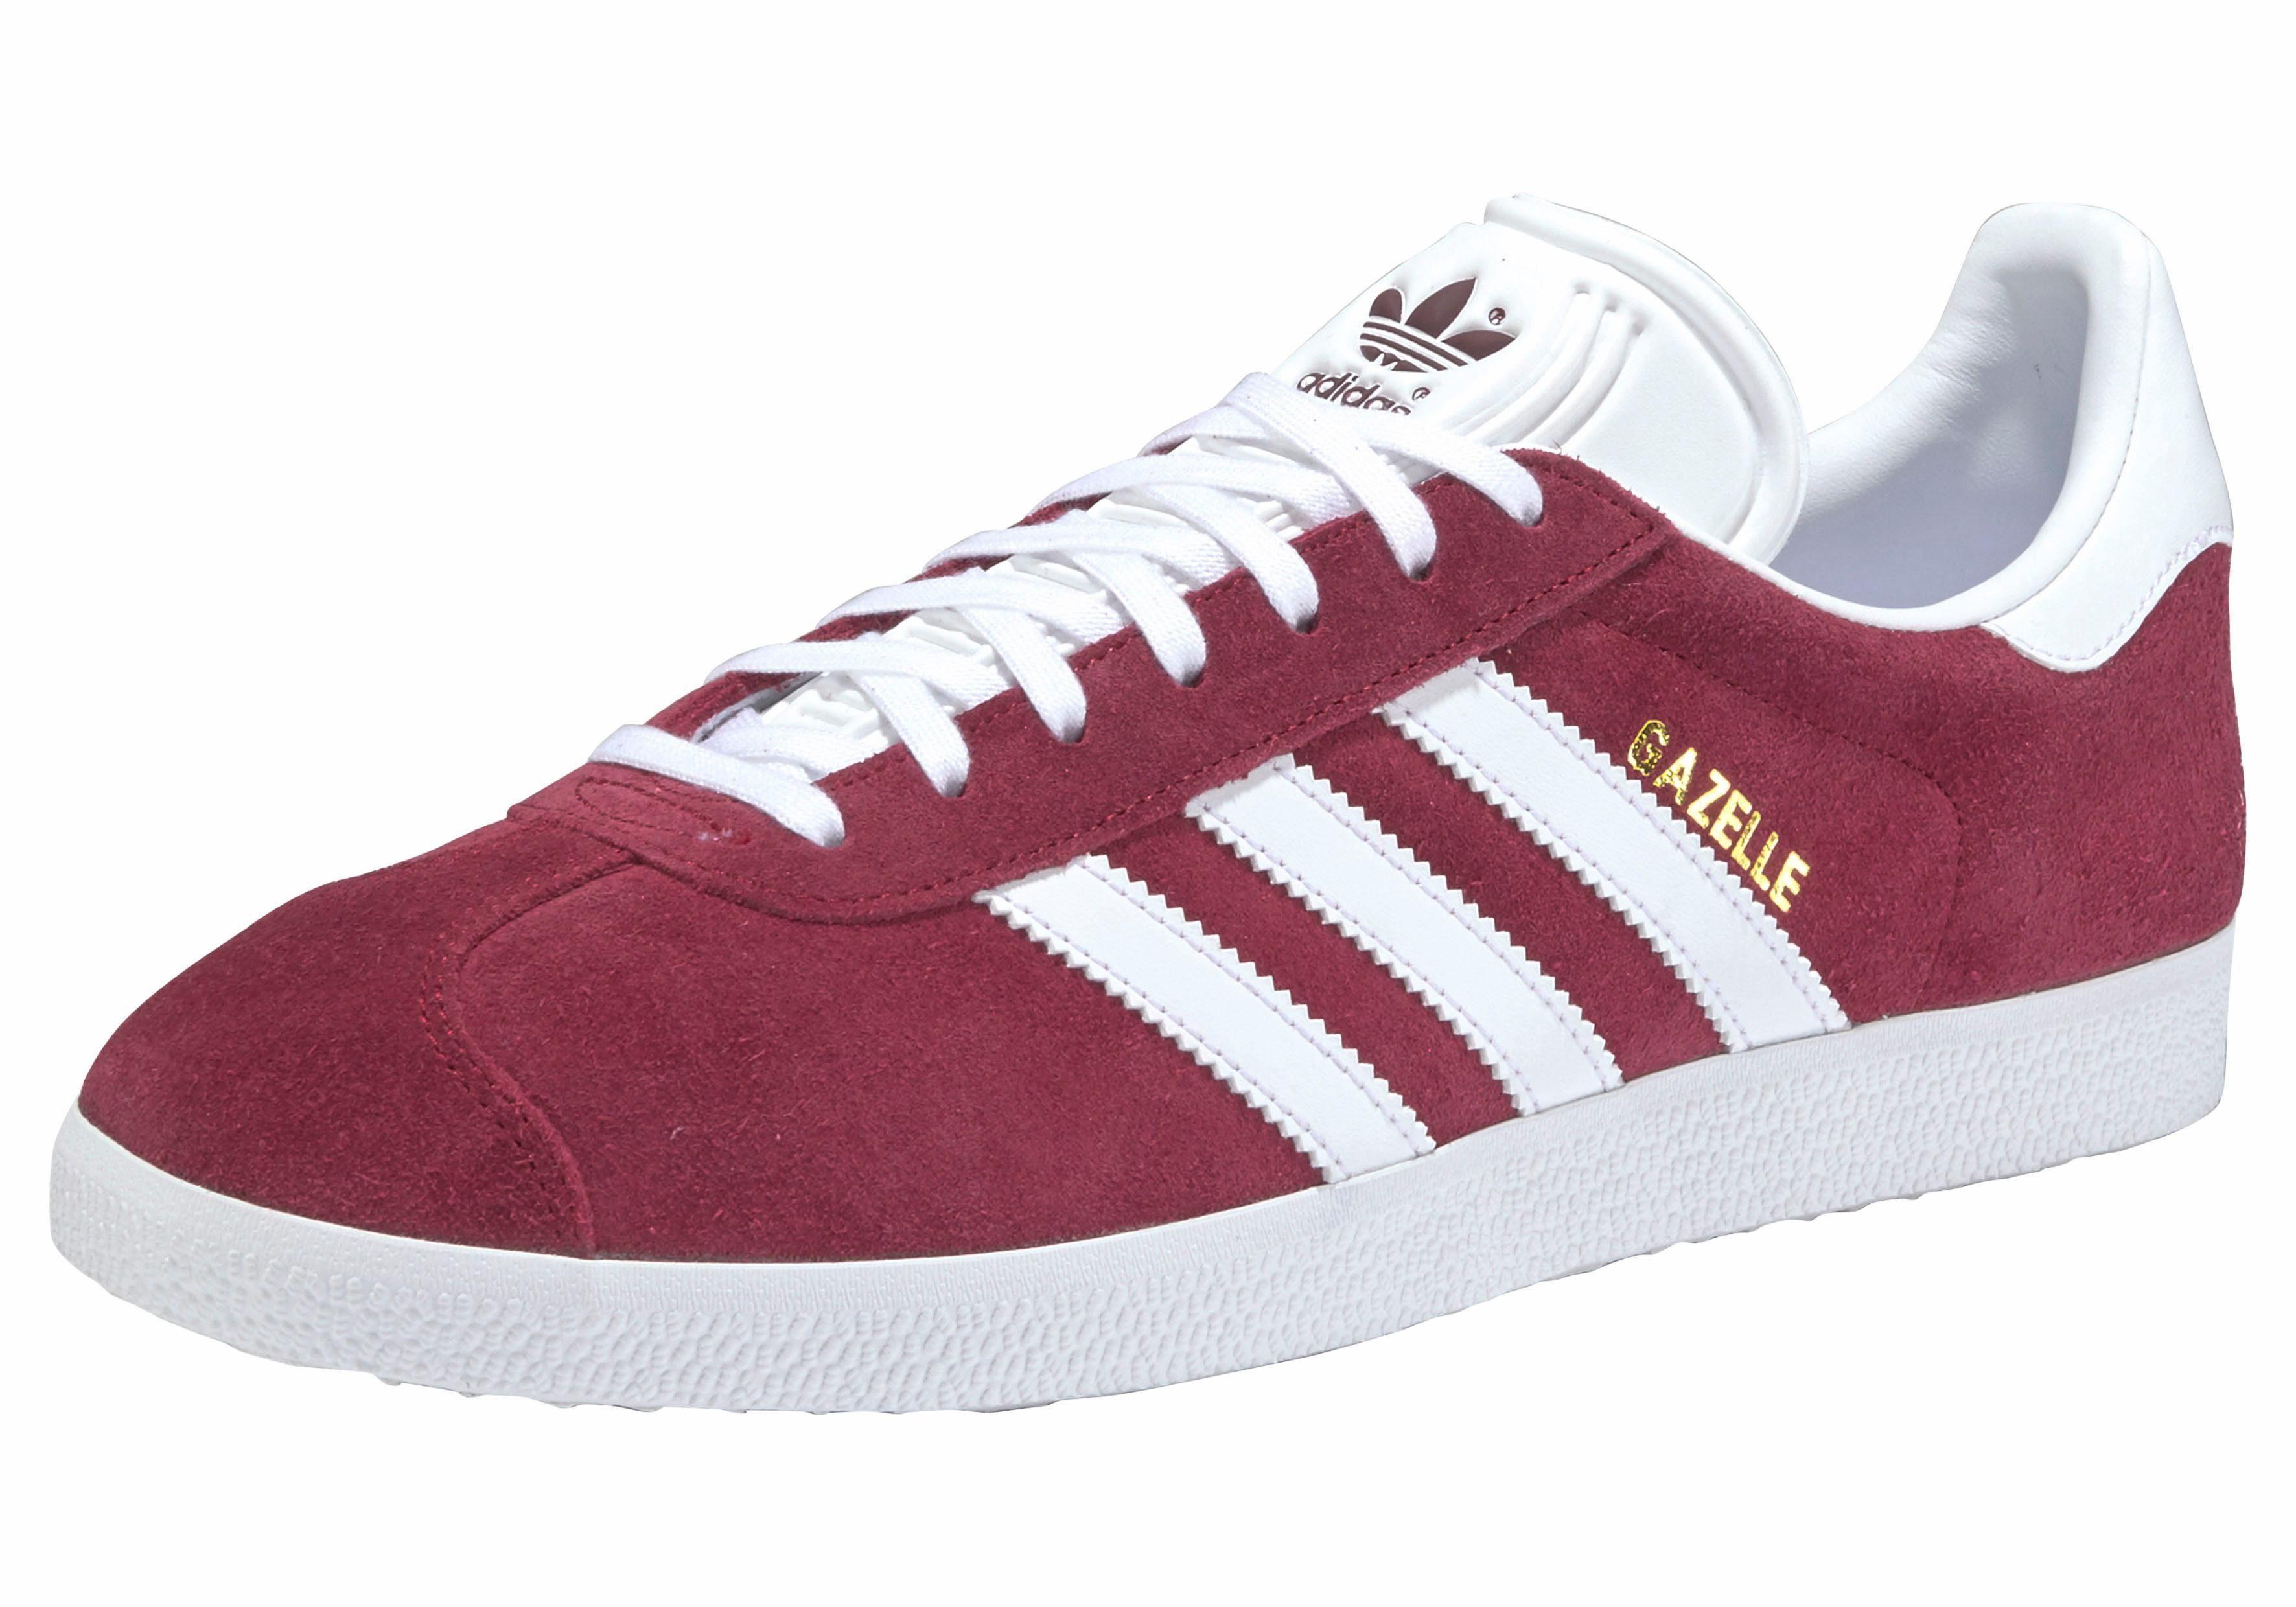 Veloursleder Originals SneakerWeiches Obermaterial »gazelle Online Adidas W« KaufenOtto Aus 1cTFKlJ